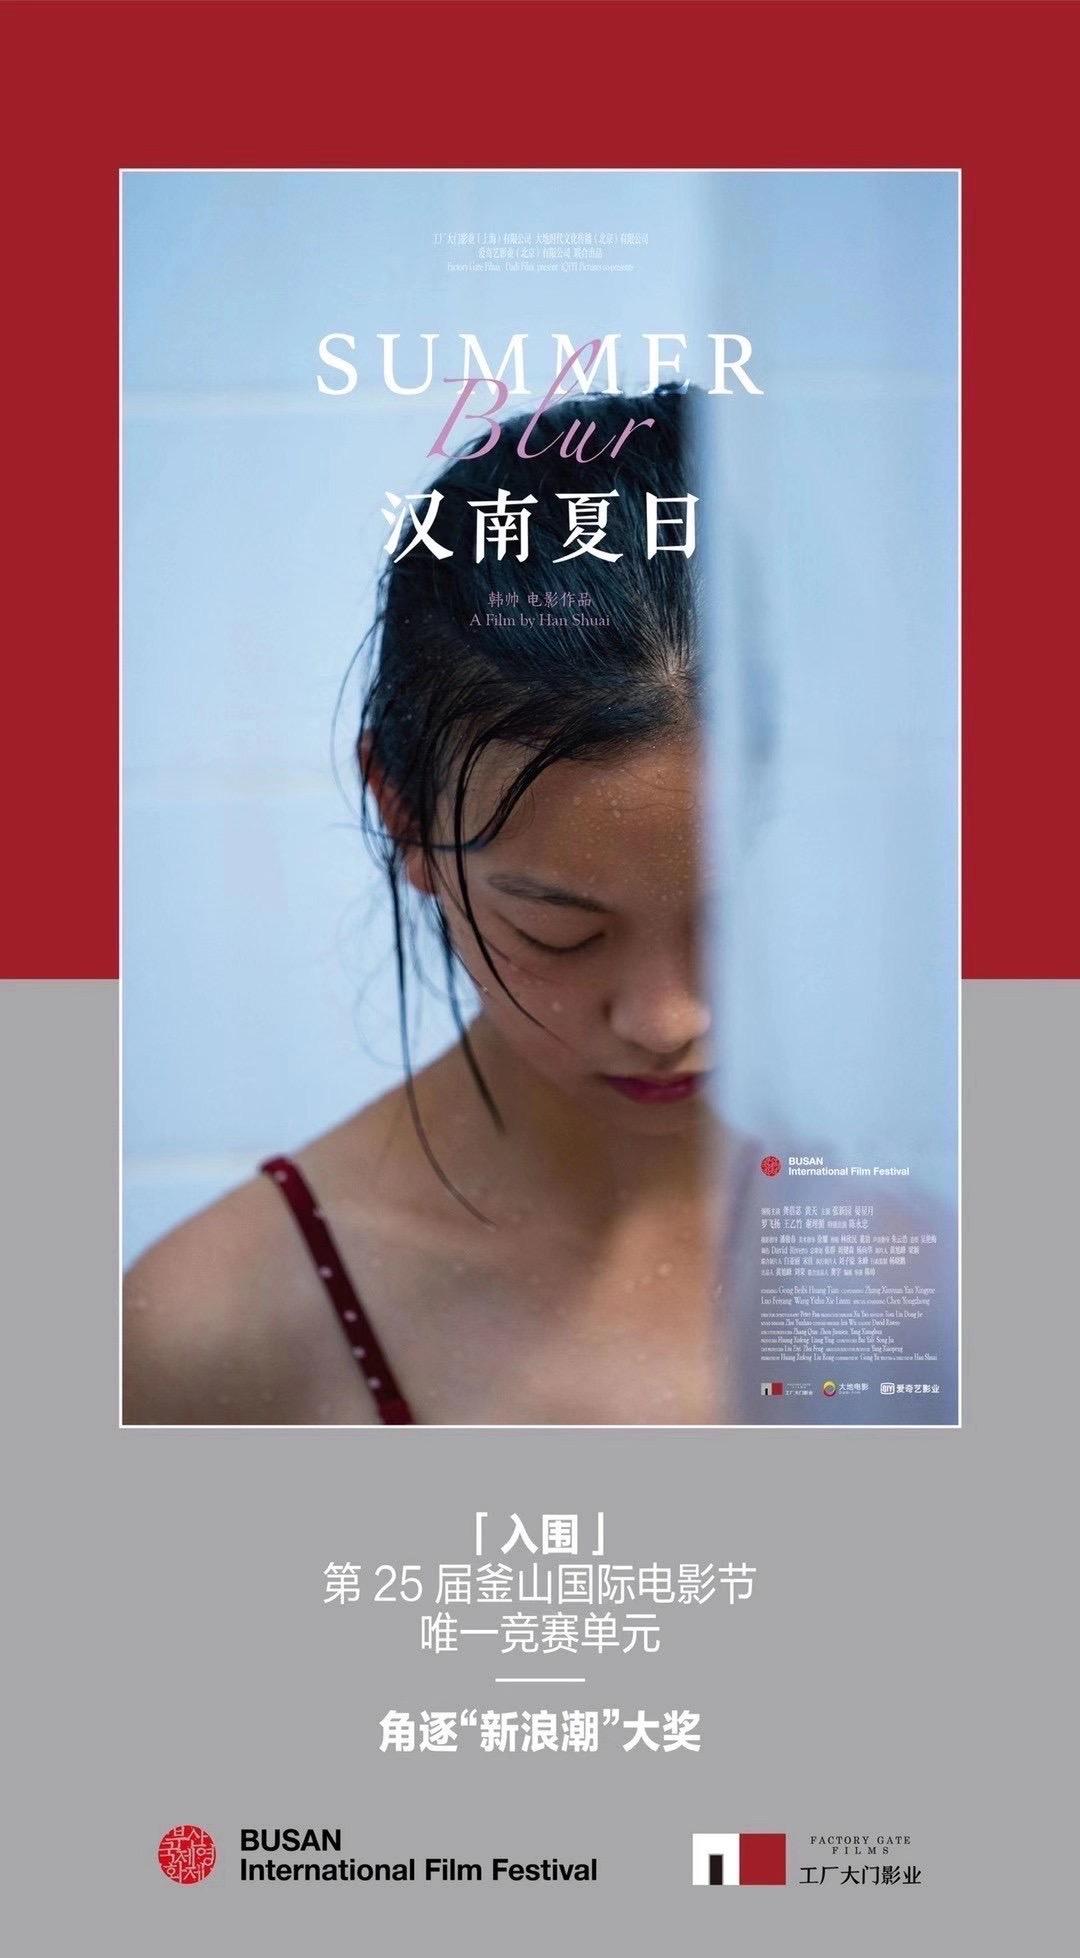 """《汉南夏日》入围釜山电影节""""新浪潮""""竞赛单元.jpeg"""